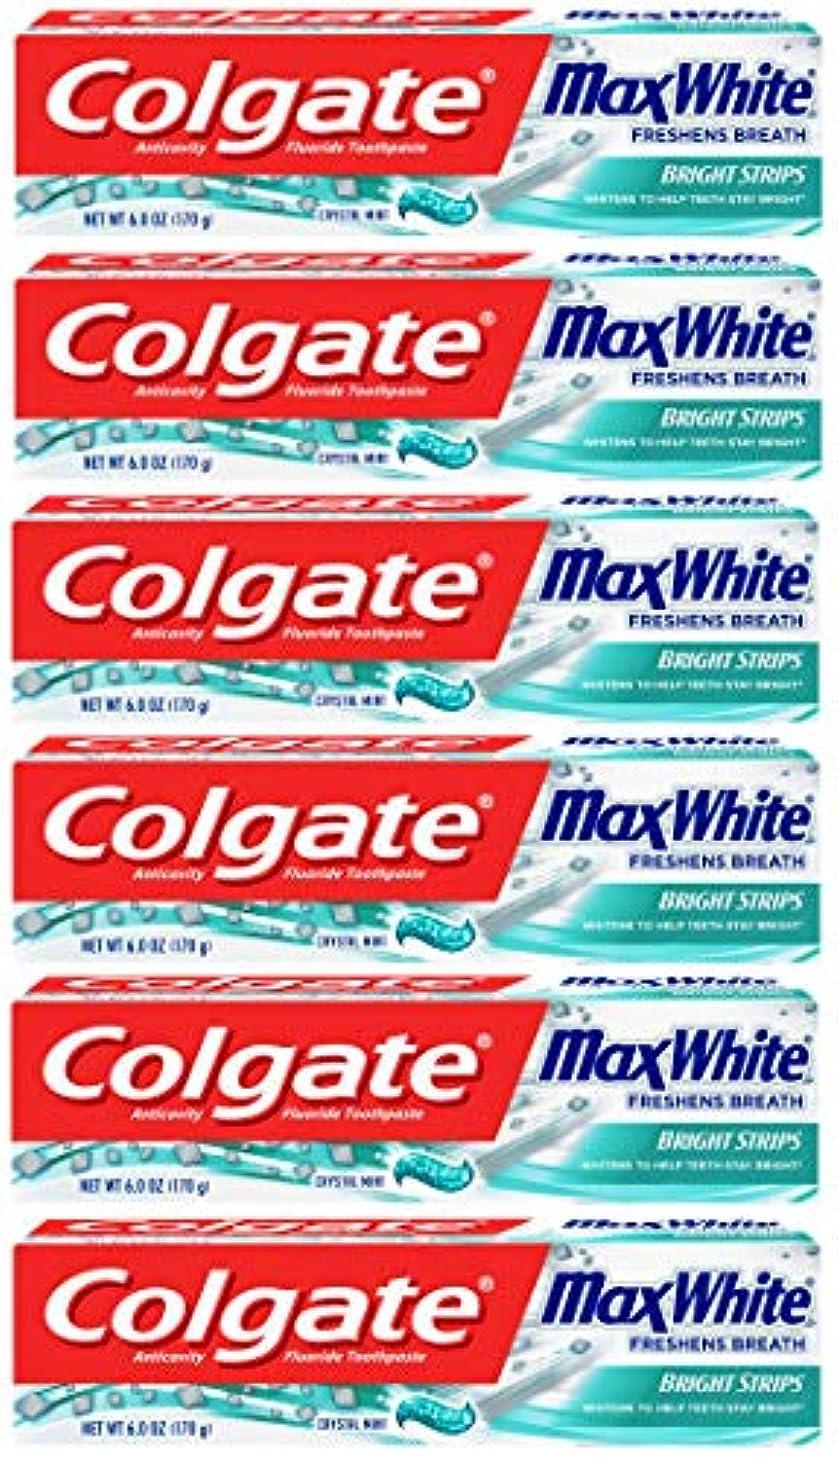 サロン呼ぶレディColgate 明るいストリップでマックスホワイトホワイトニングの歯磨き粉、ミント - 6オンス(6パック)